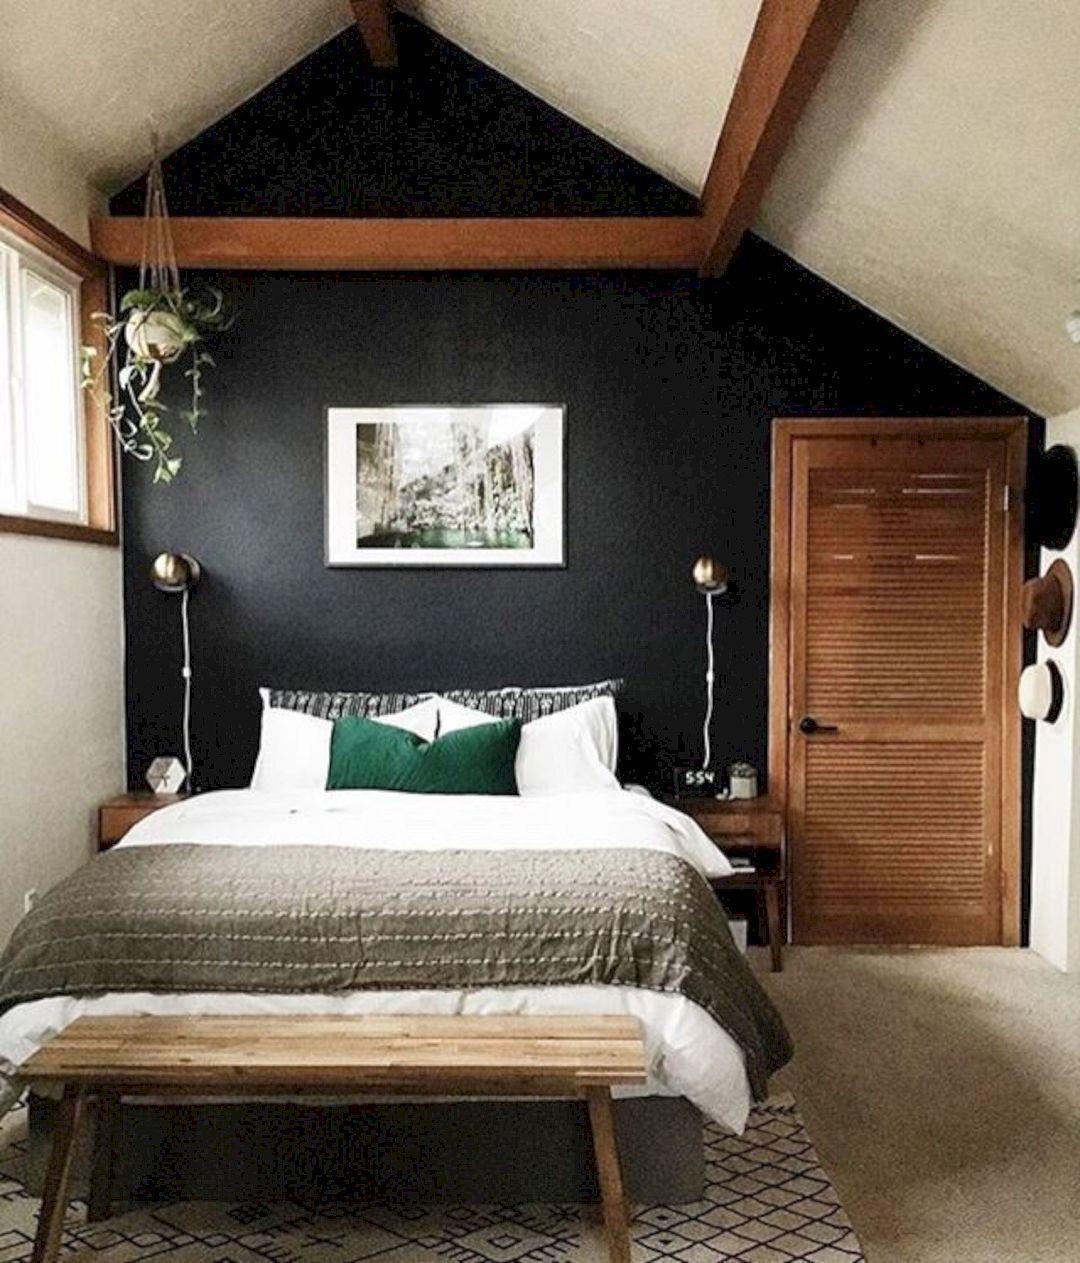 Loft bedroom design ideas   Incredible Loft Bedroom Interior Ideas  Bedrooms ideas